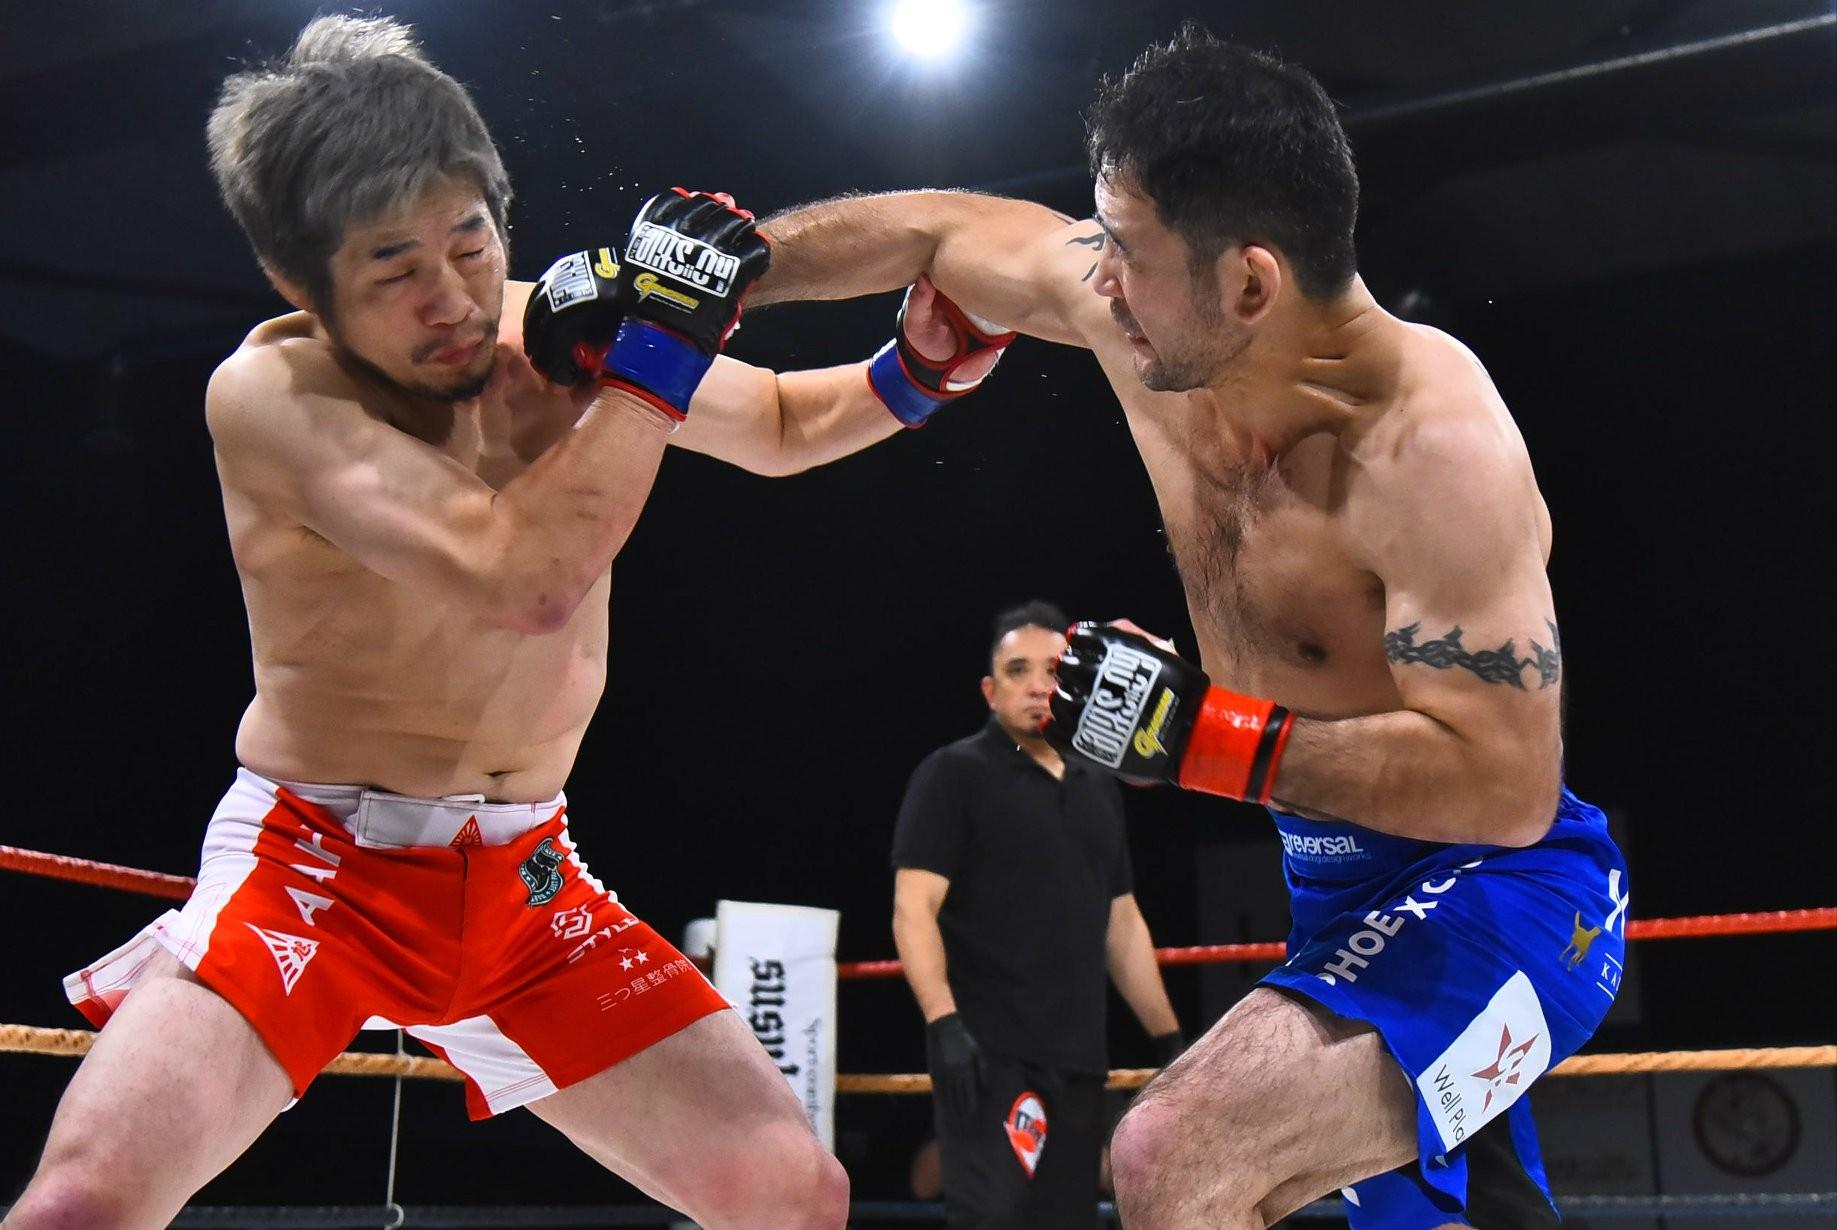 【新商品】ファイトショーツ販売開始 #晴天旭 #MMA  #ファイトショーツ